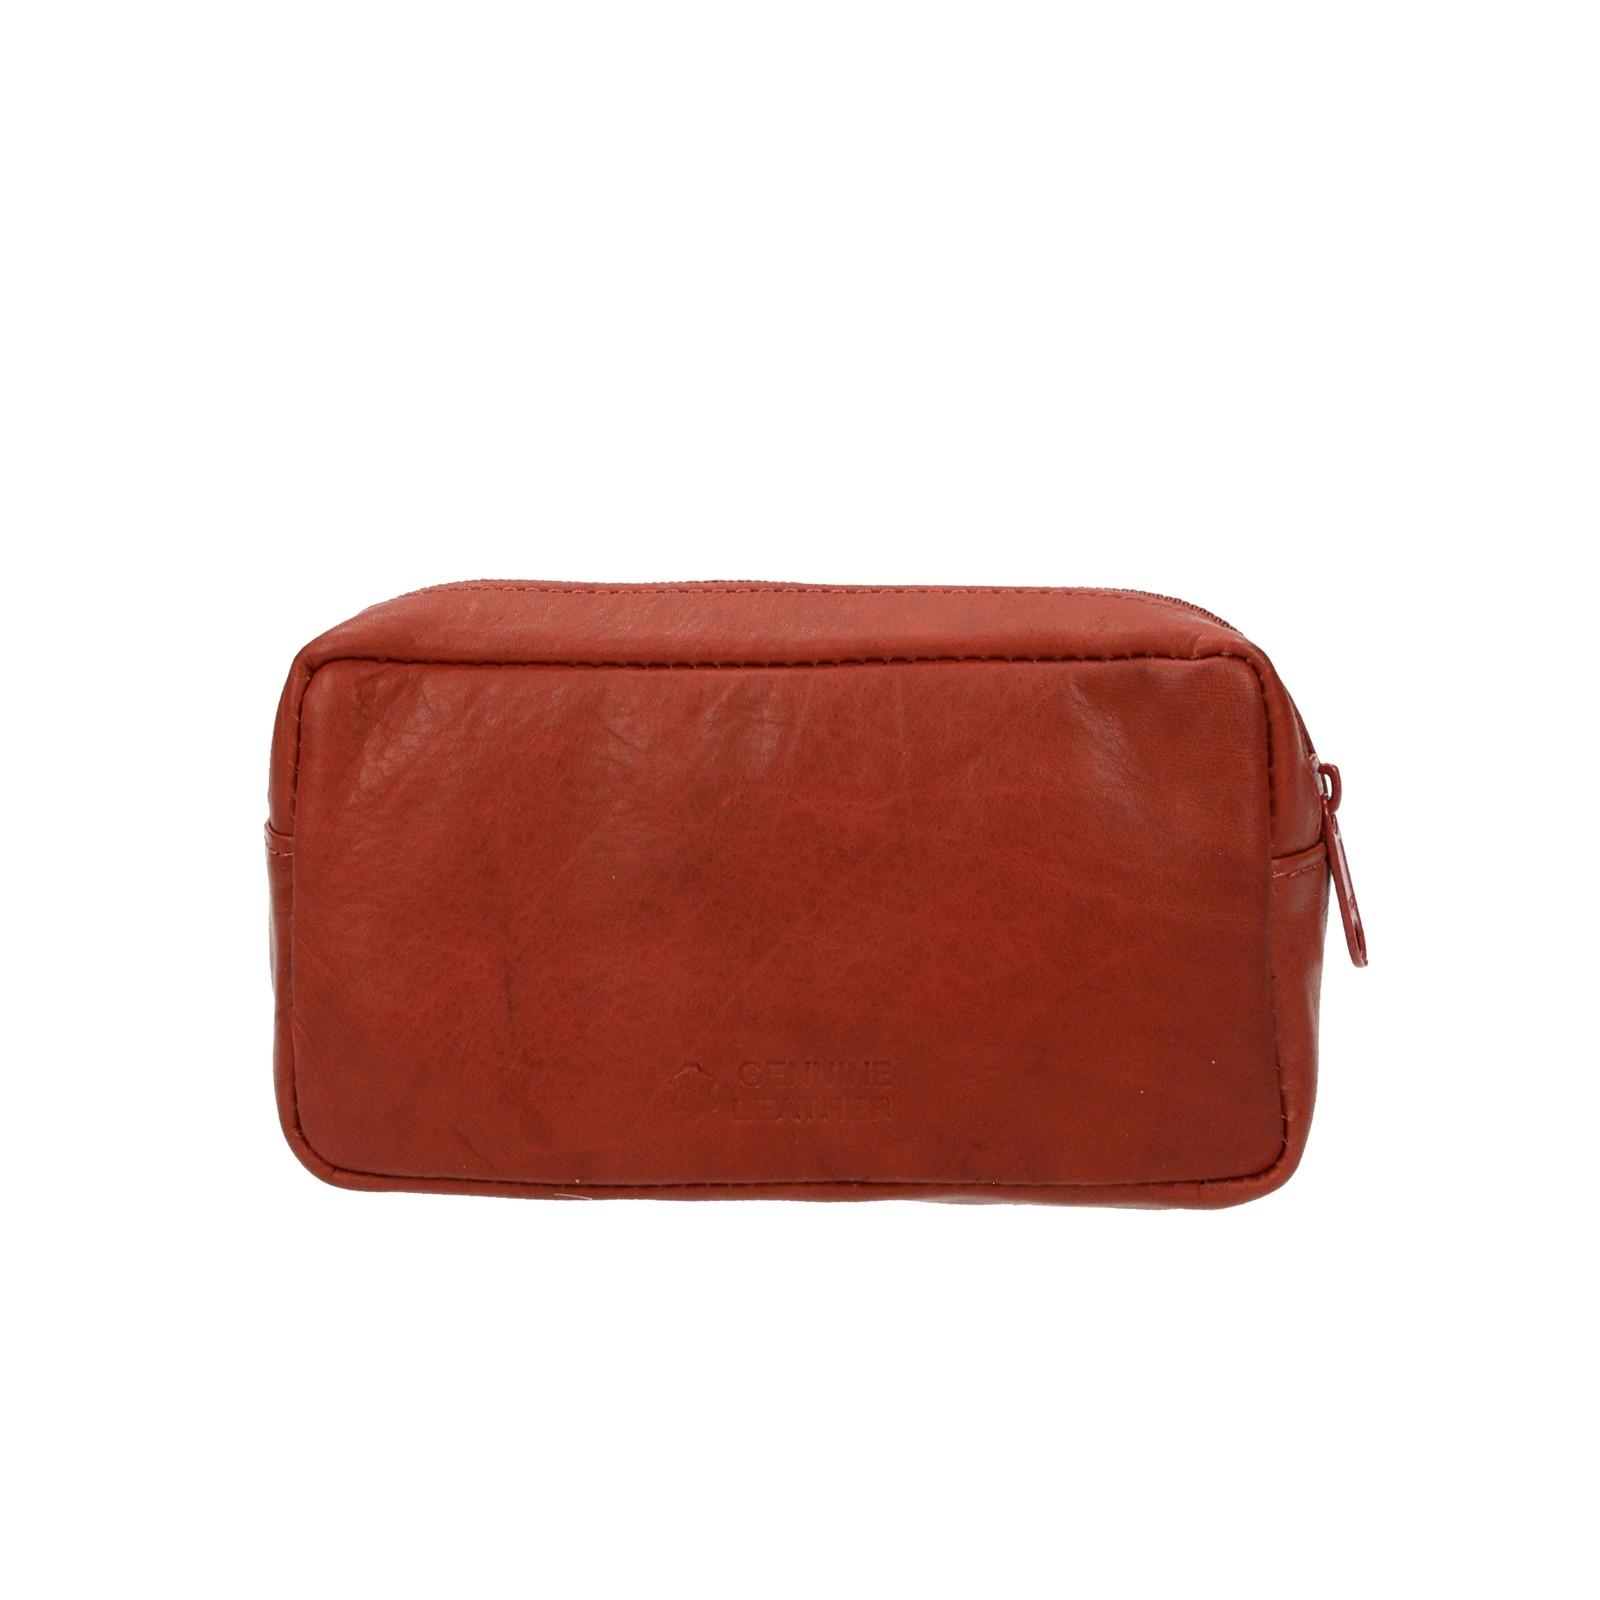 de3a4370d300 Mercucio unisex kožená kľúčenka - červená ...